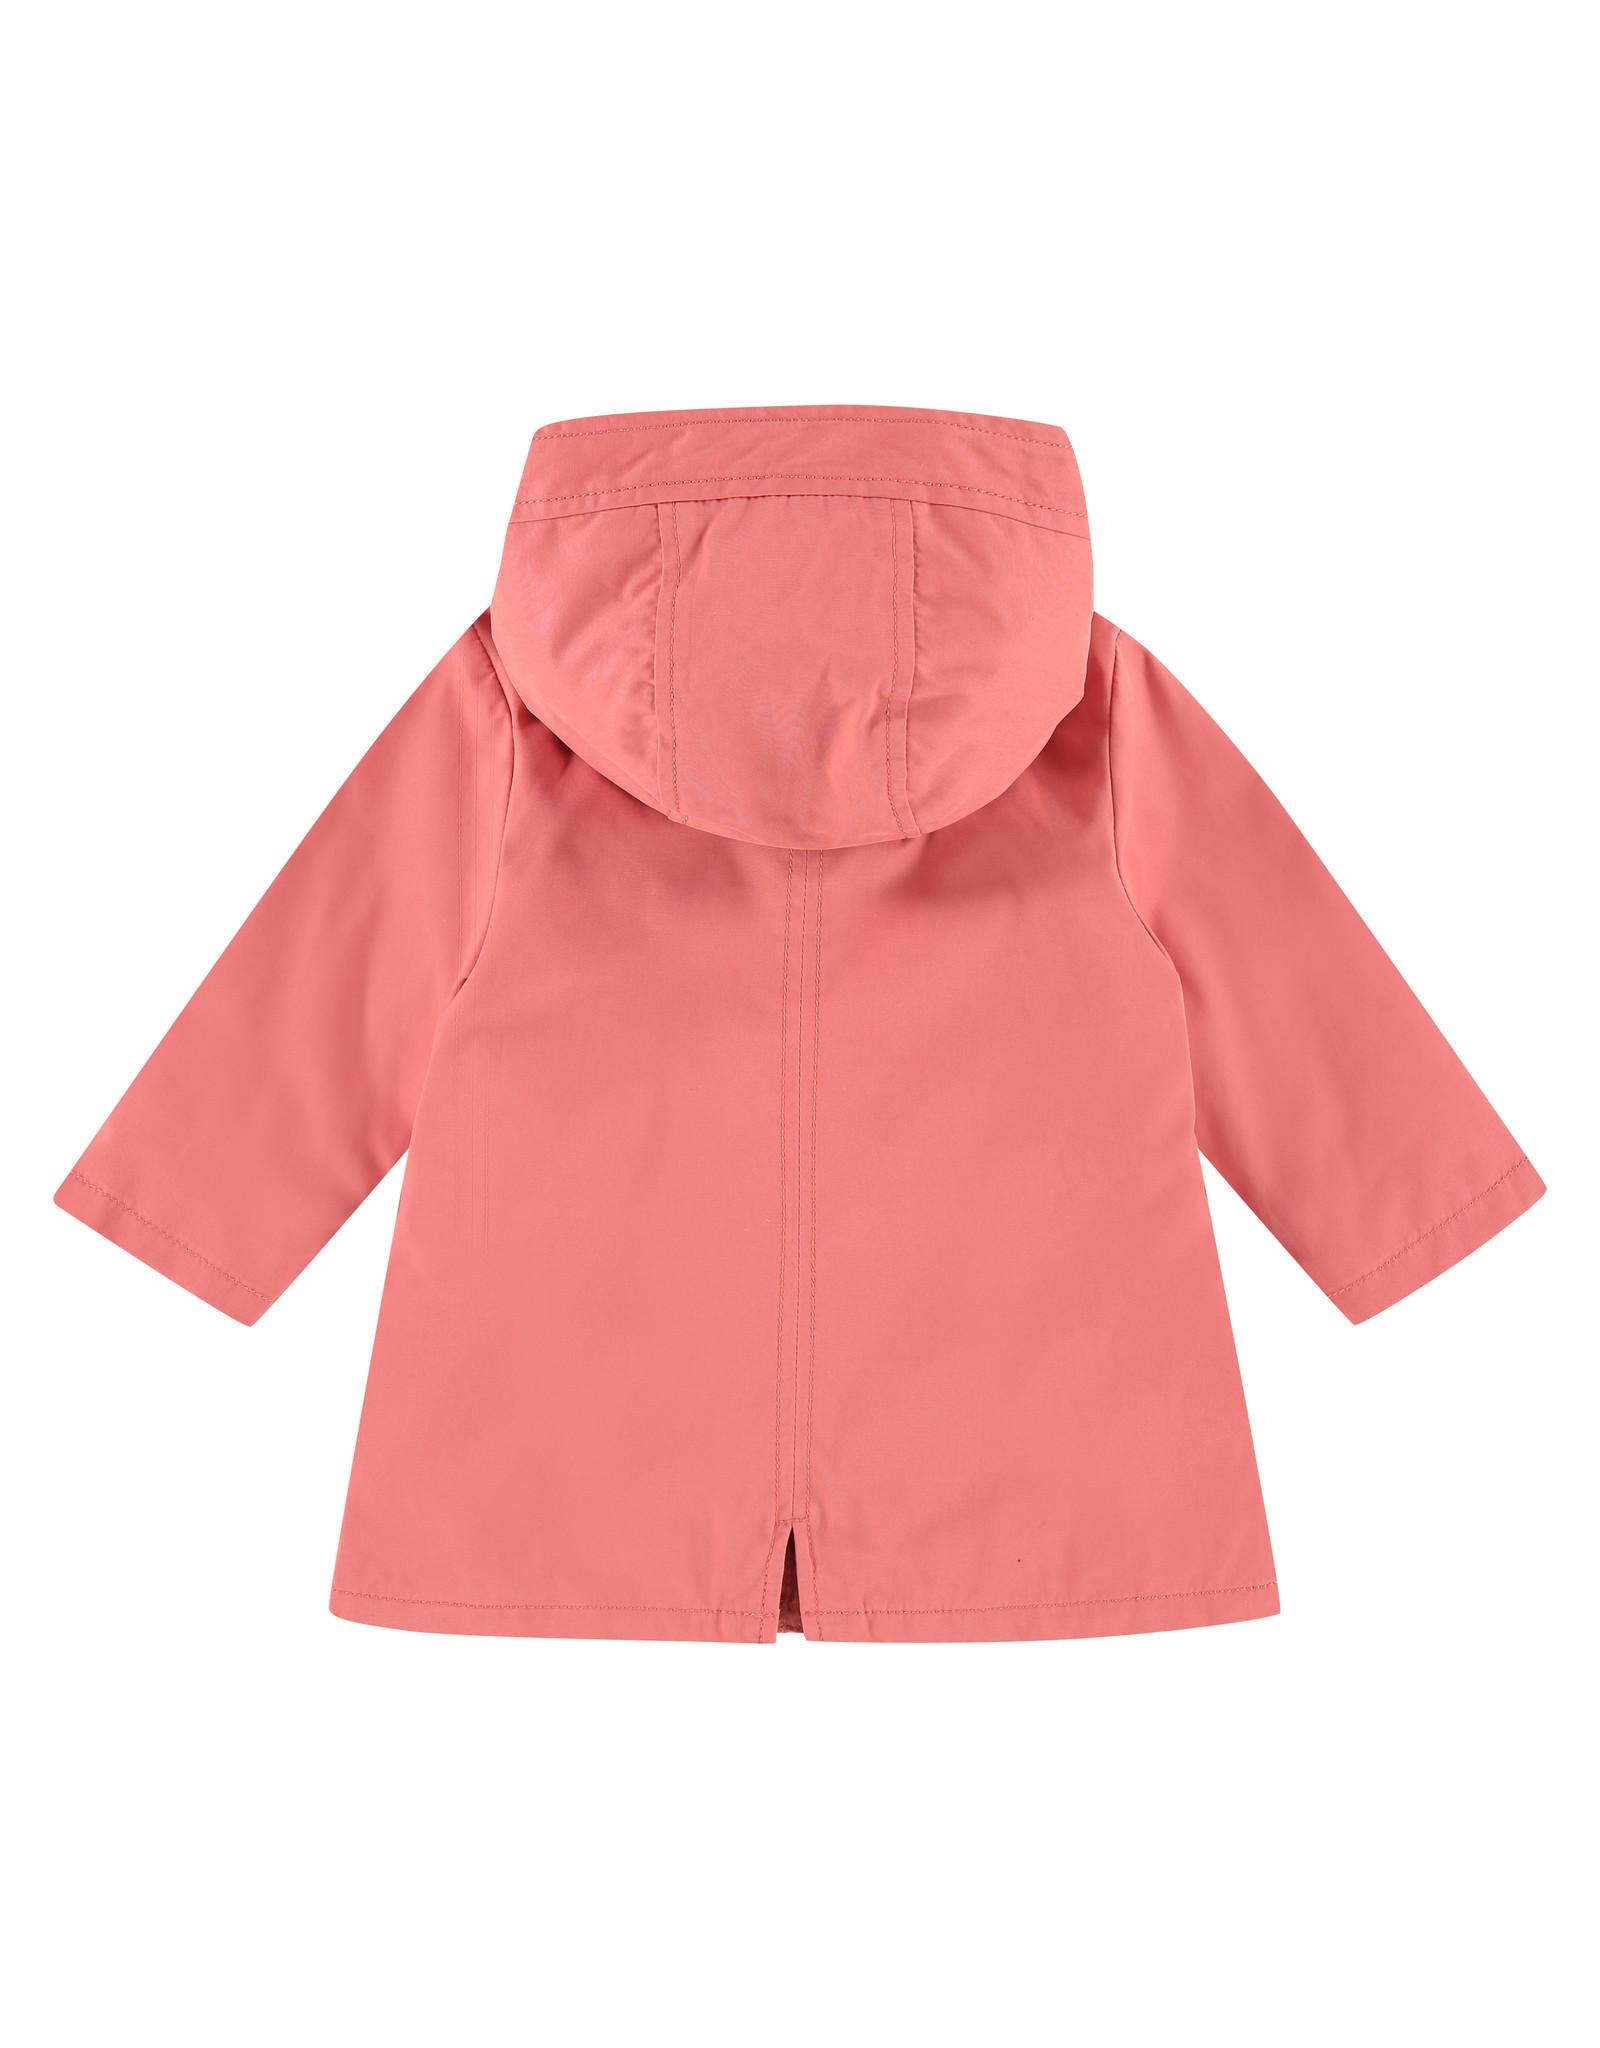 Babyface girls summer jacket, faded rose, BBE21108100